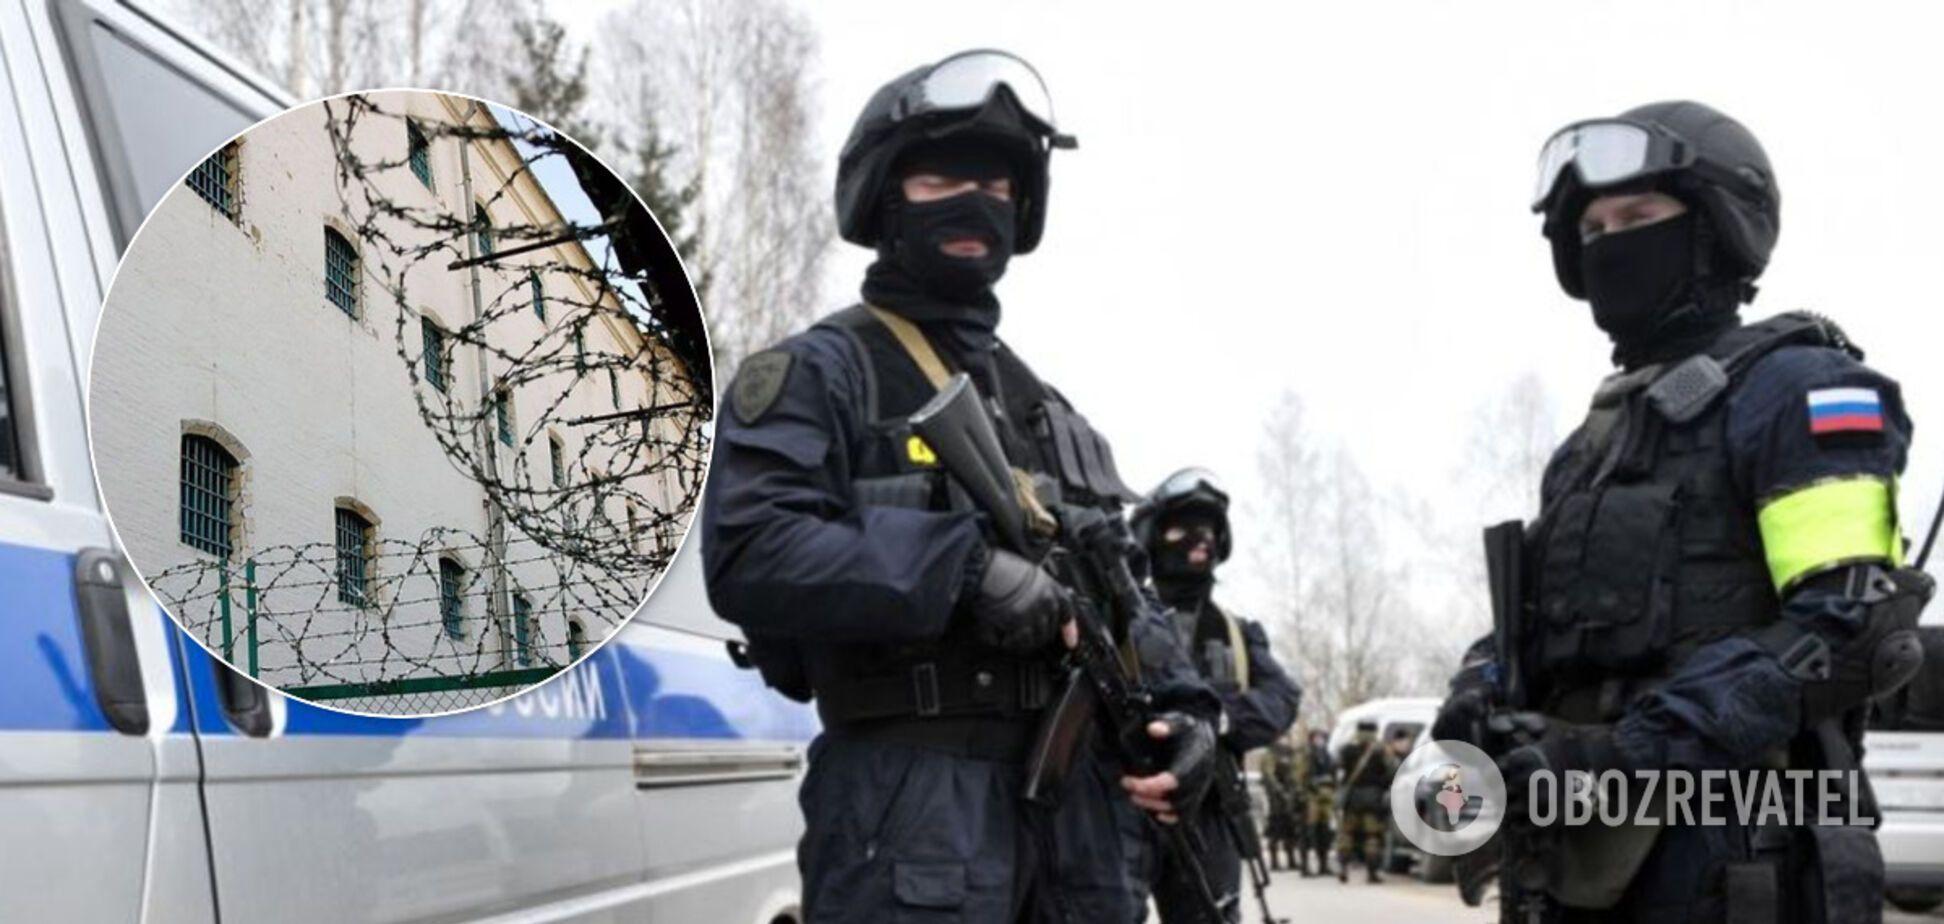 В Крыму мужчину осудили на 10 лет за 'шпионаж в пользу Украины'